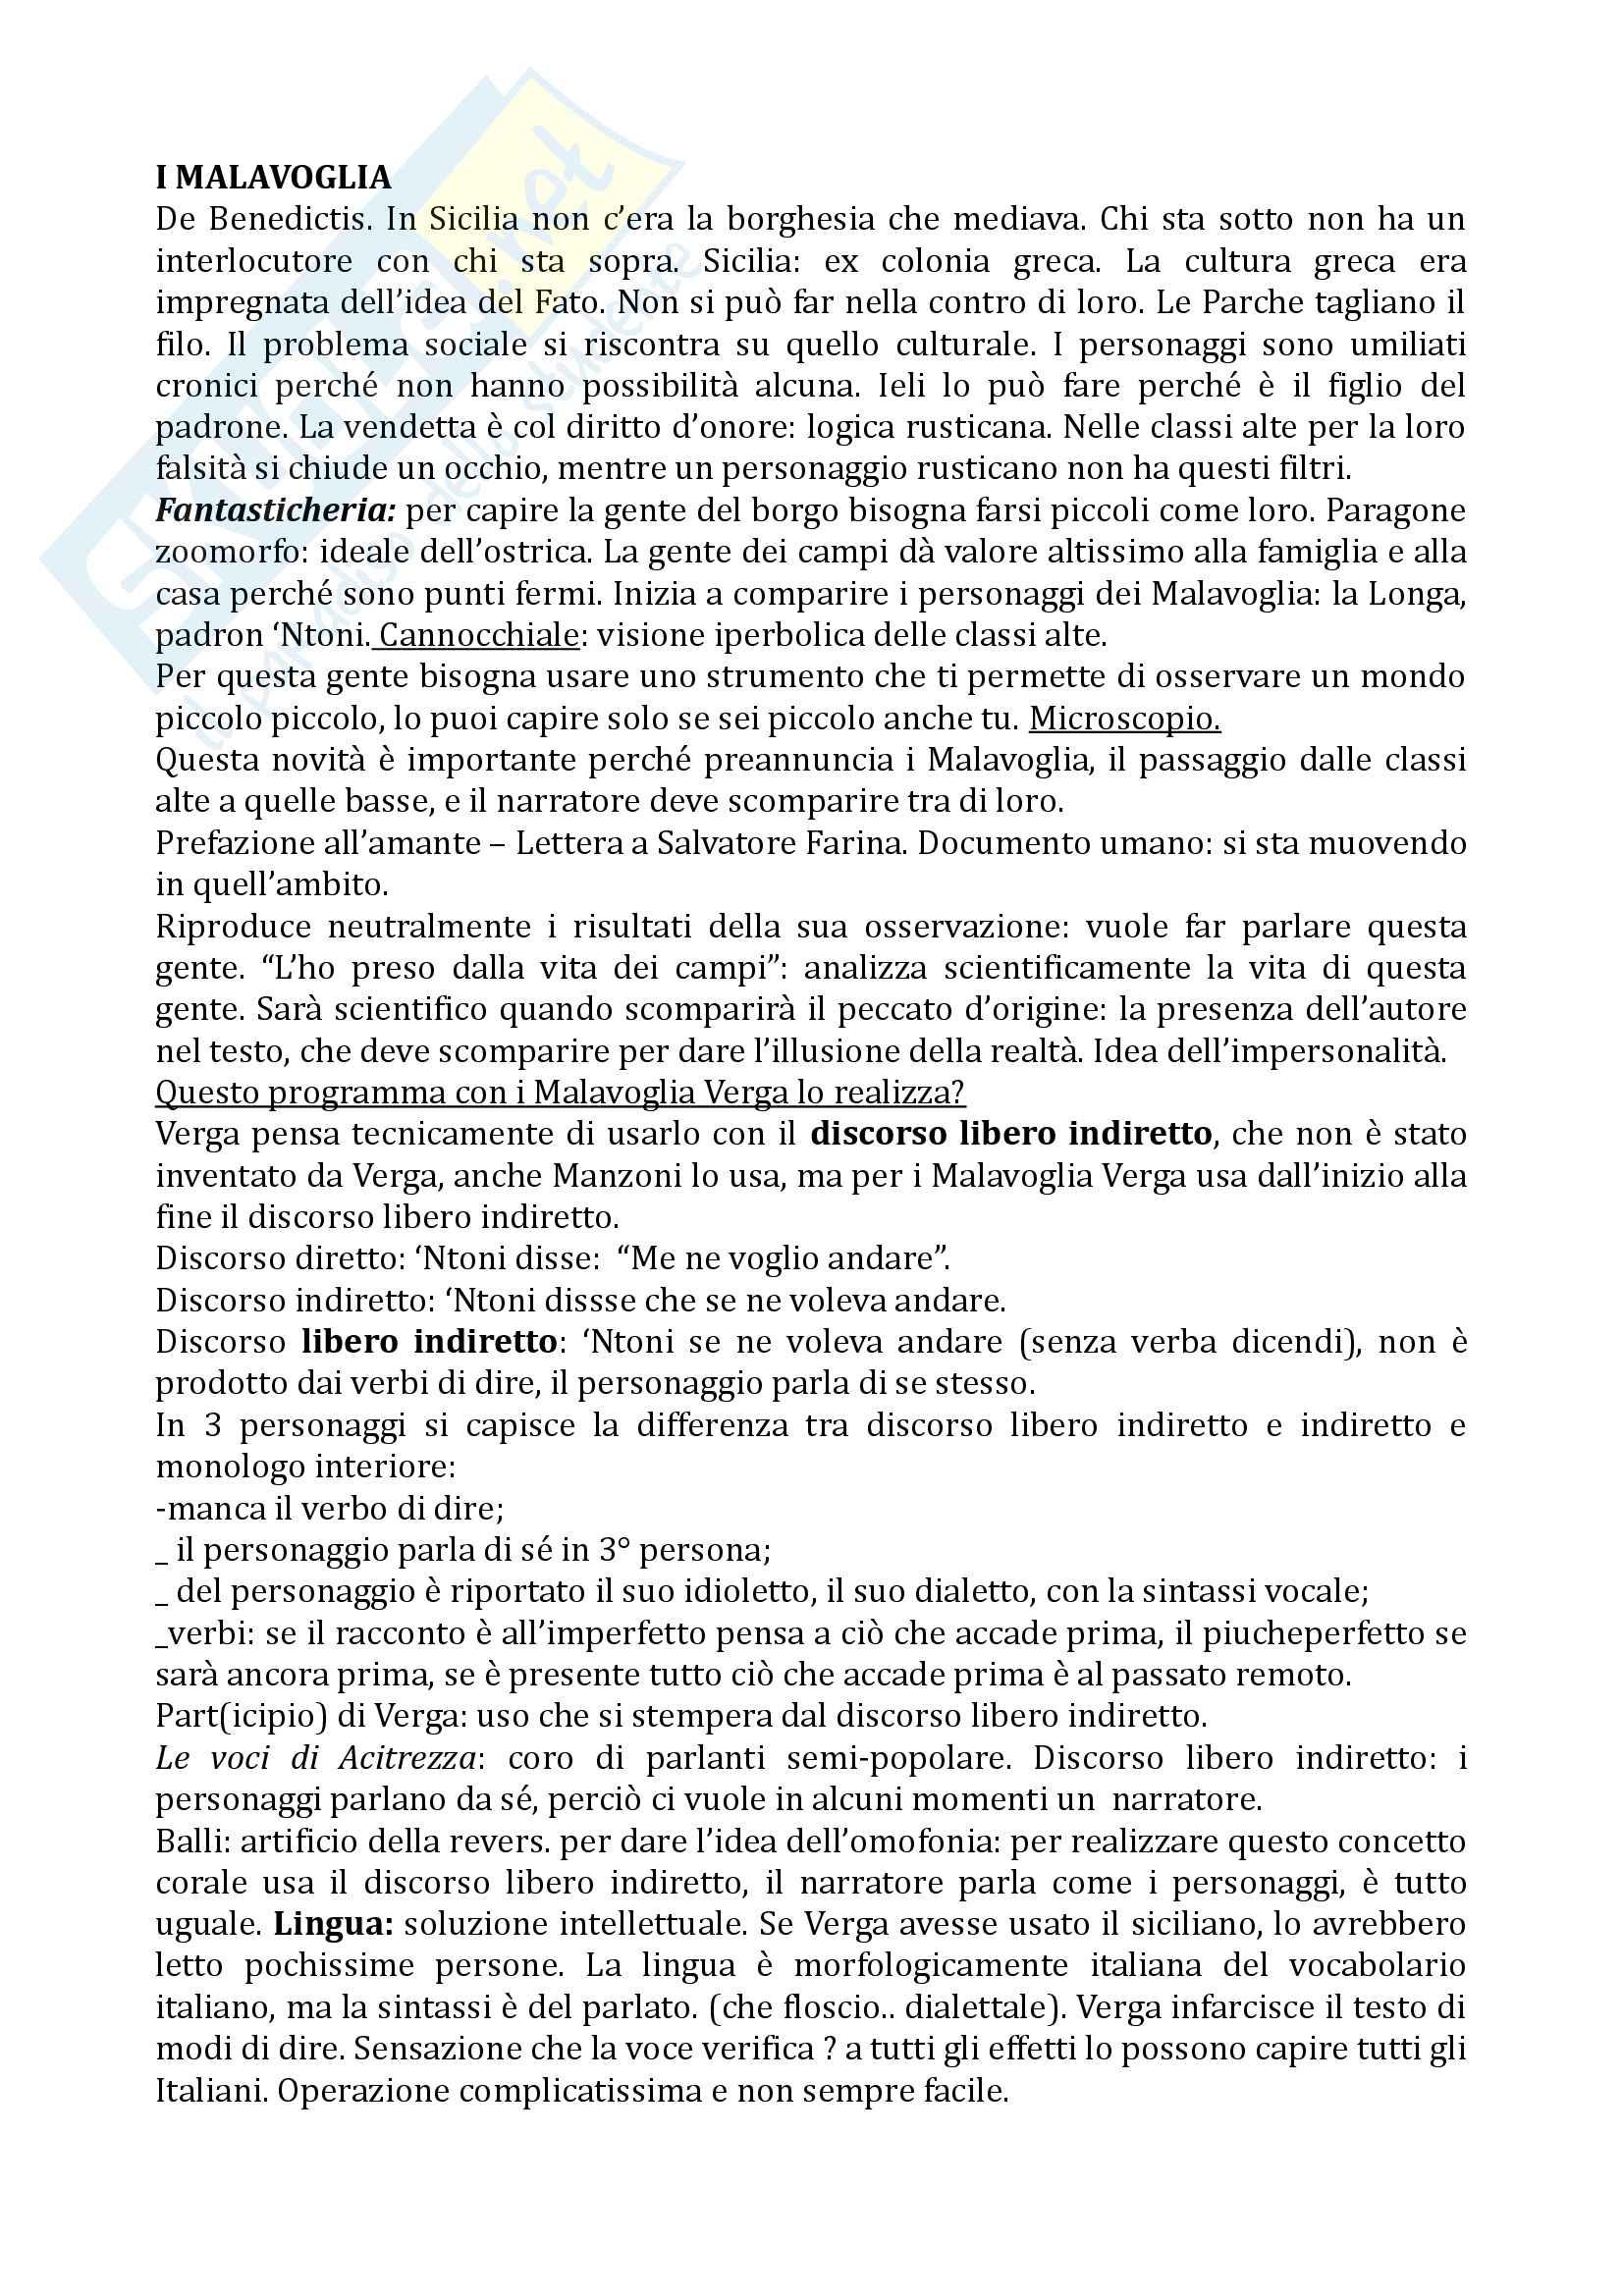 Appunti Verga prof. Muscariello